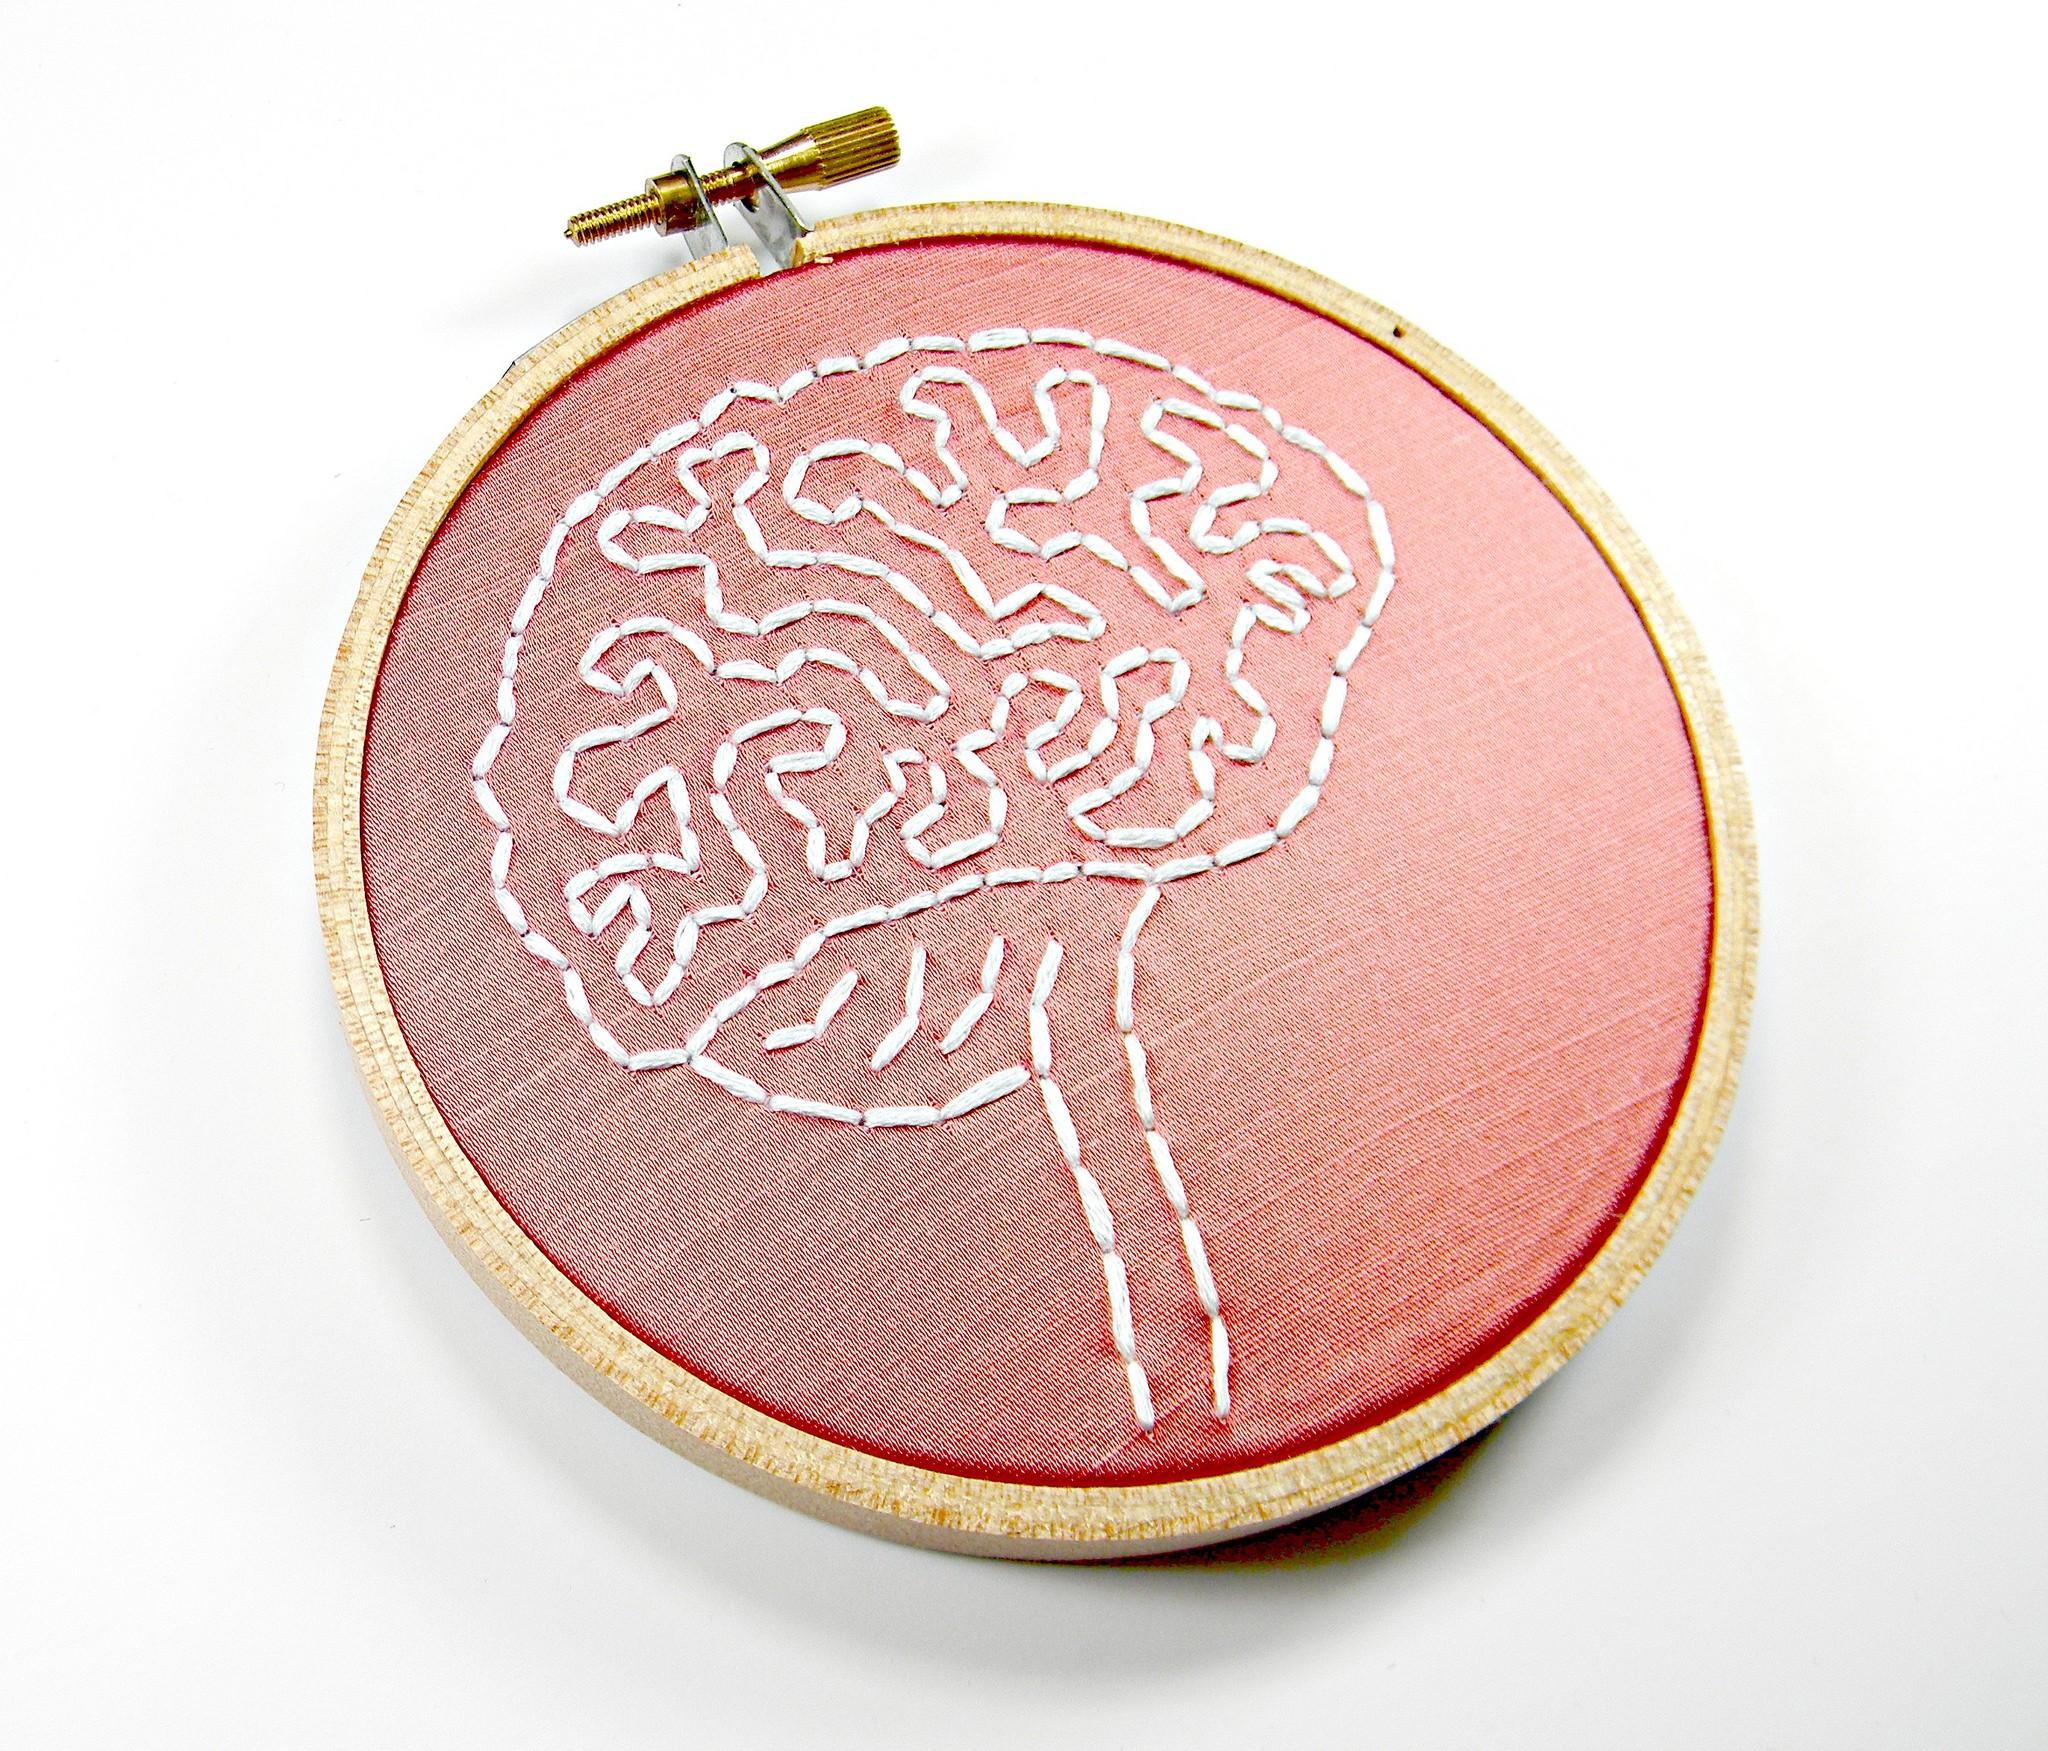 Nova terapia traz esperança para quem sofre com Alzheimer e depressão